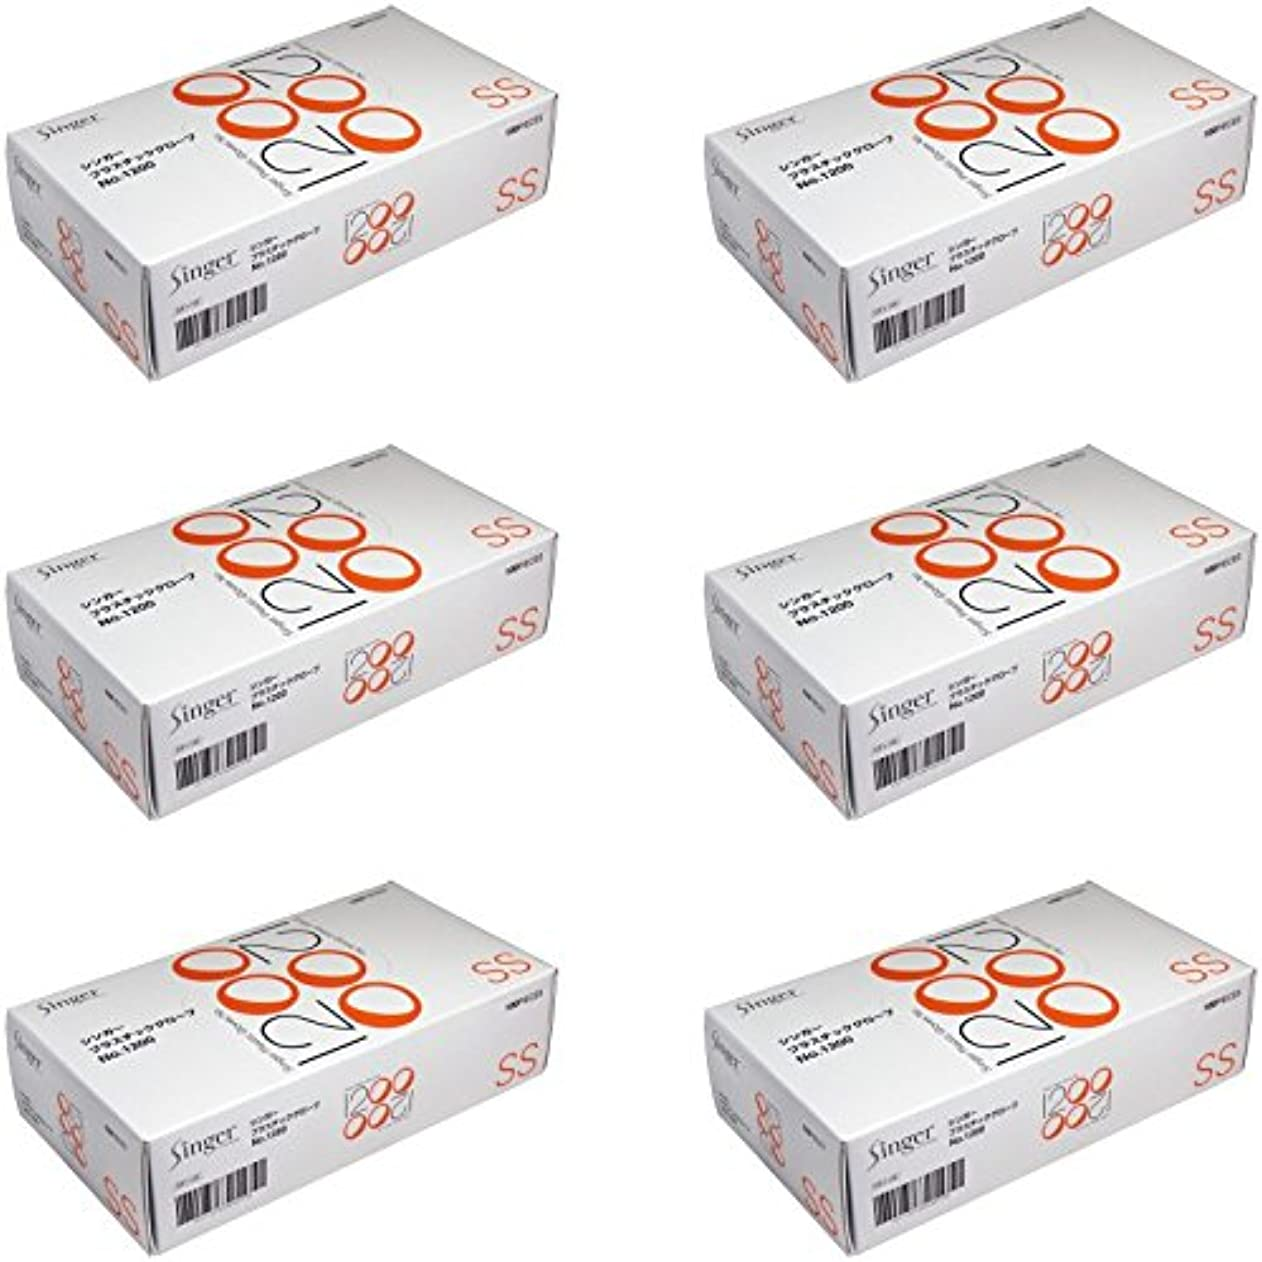 件名ゴシップアルミニウム【まとめ買い】シンガー プラスチックグローブ №1200 SSサイズ 100枚入【×6個】